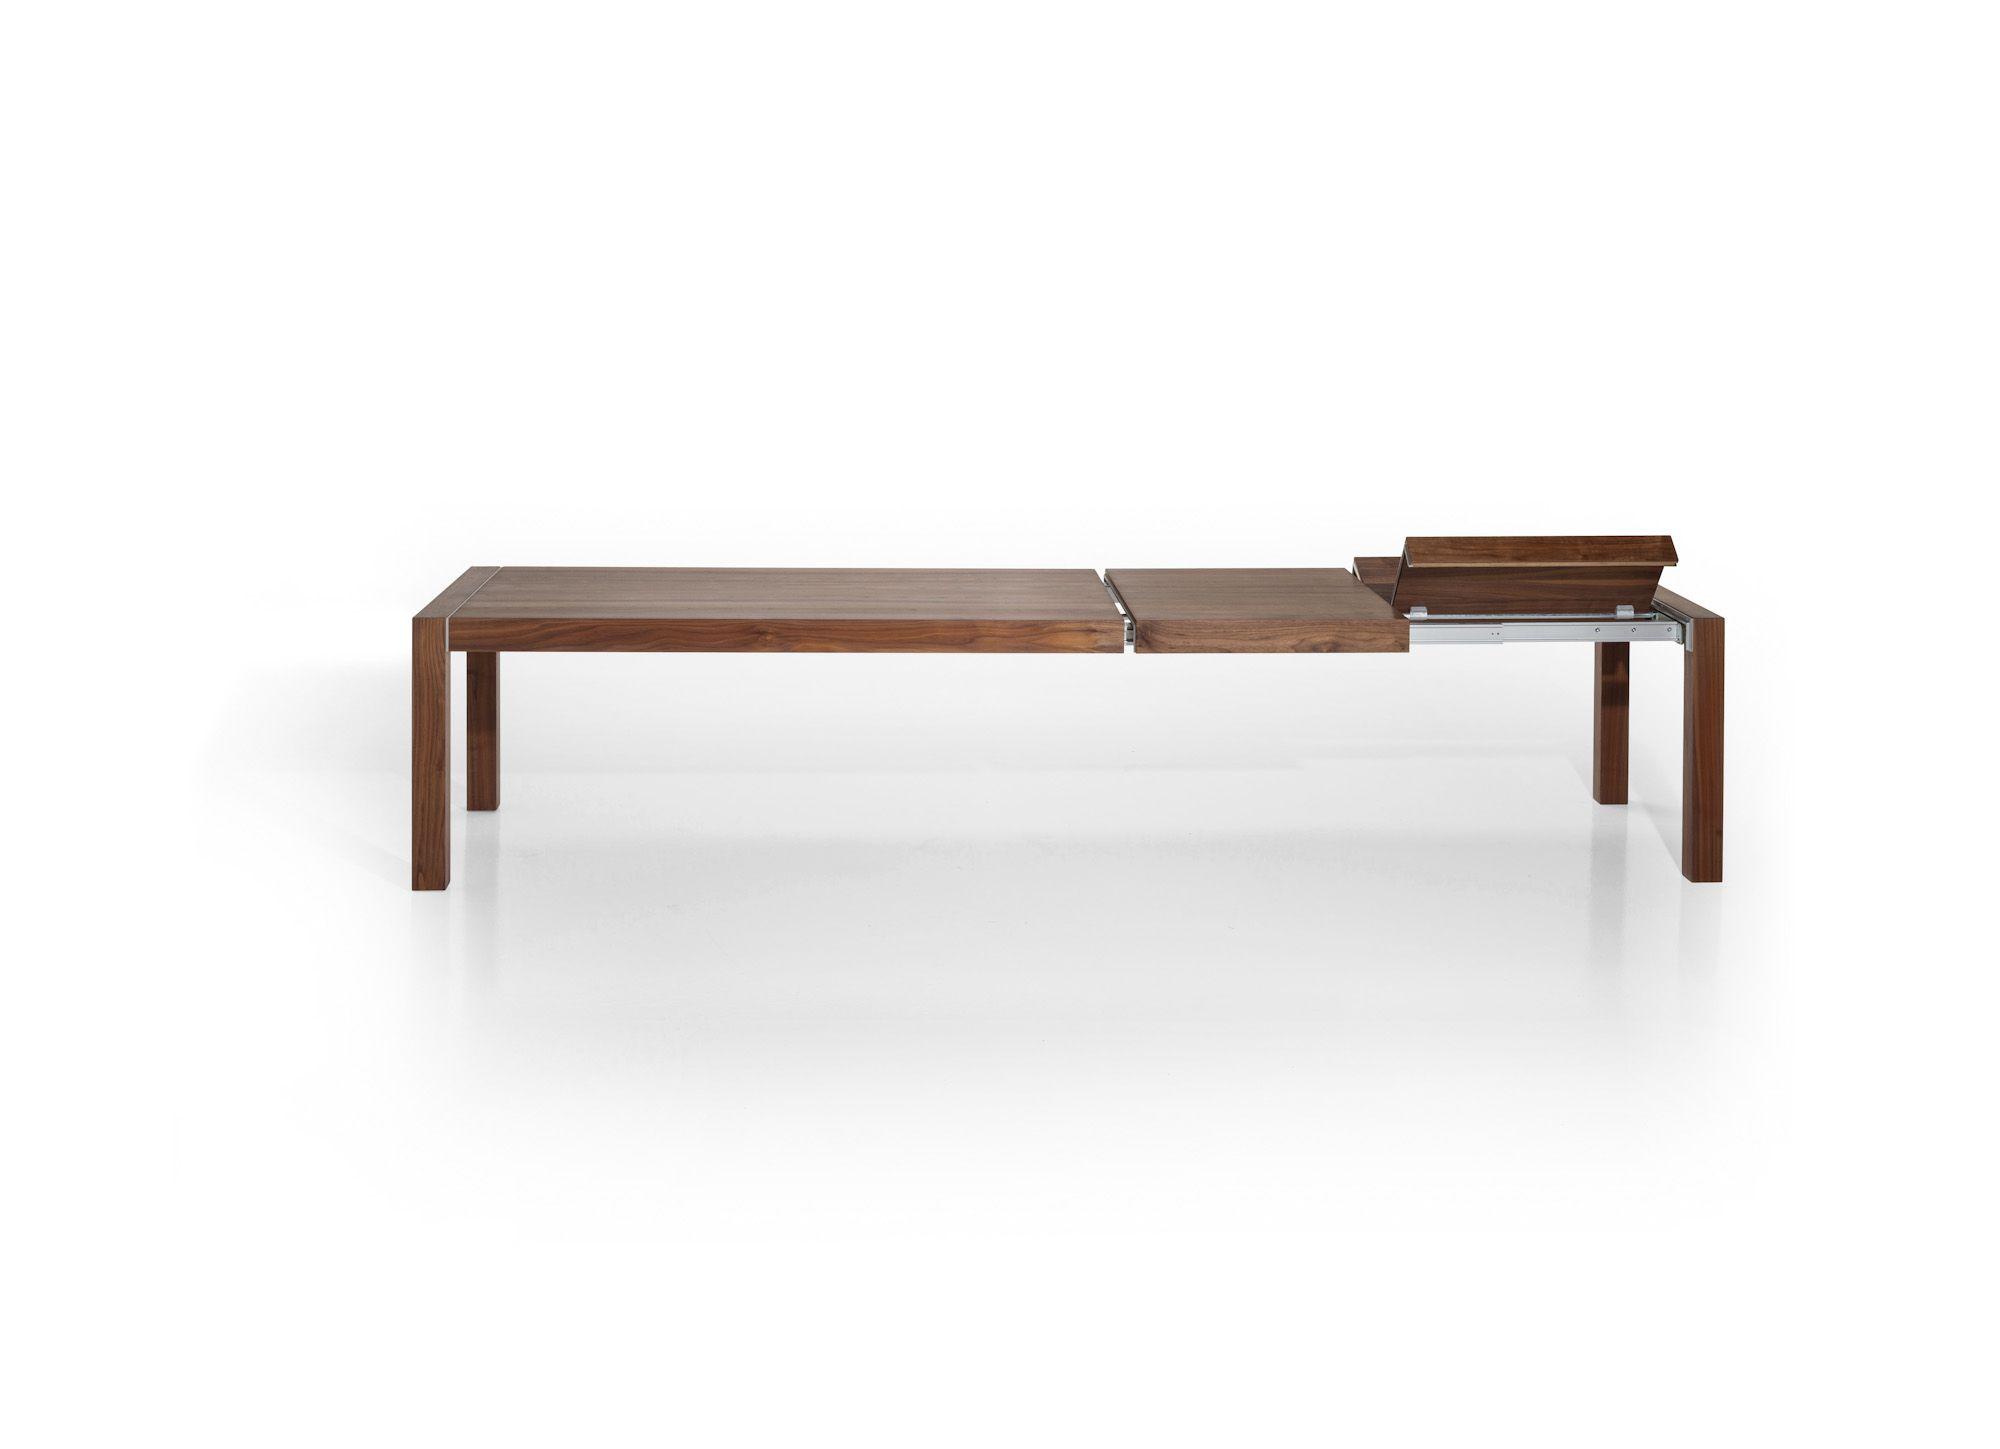 esstisch | holz | dunkel | ausziehbar | verlängerbar um 2 x 75 cm, Moderne